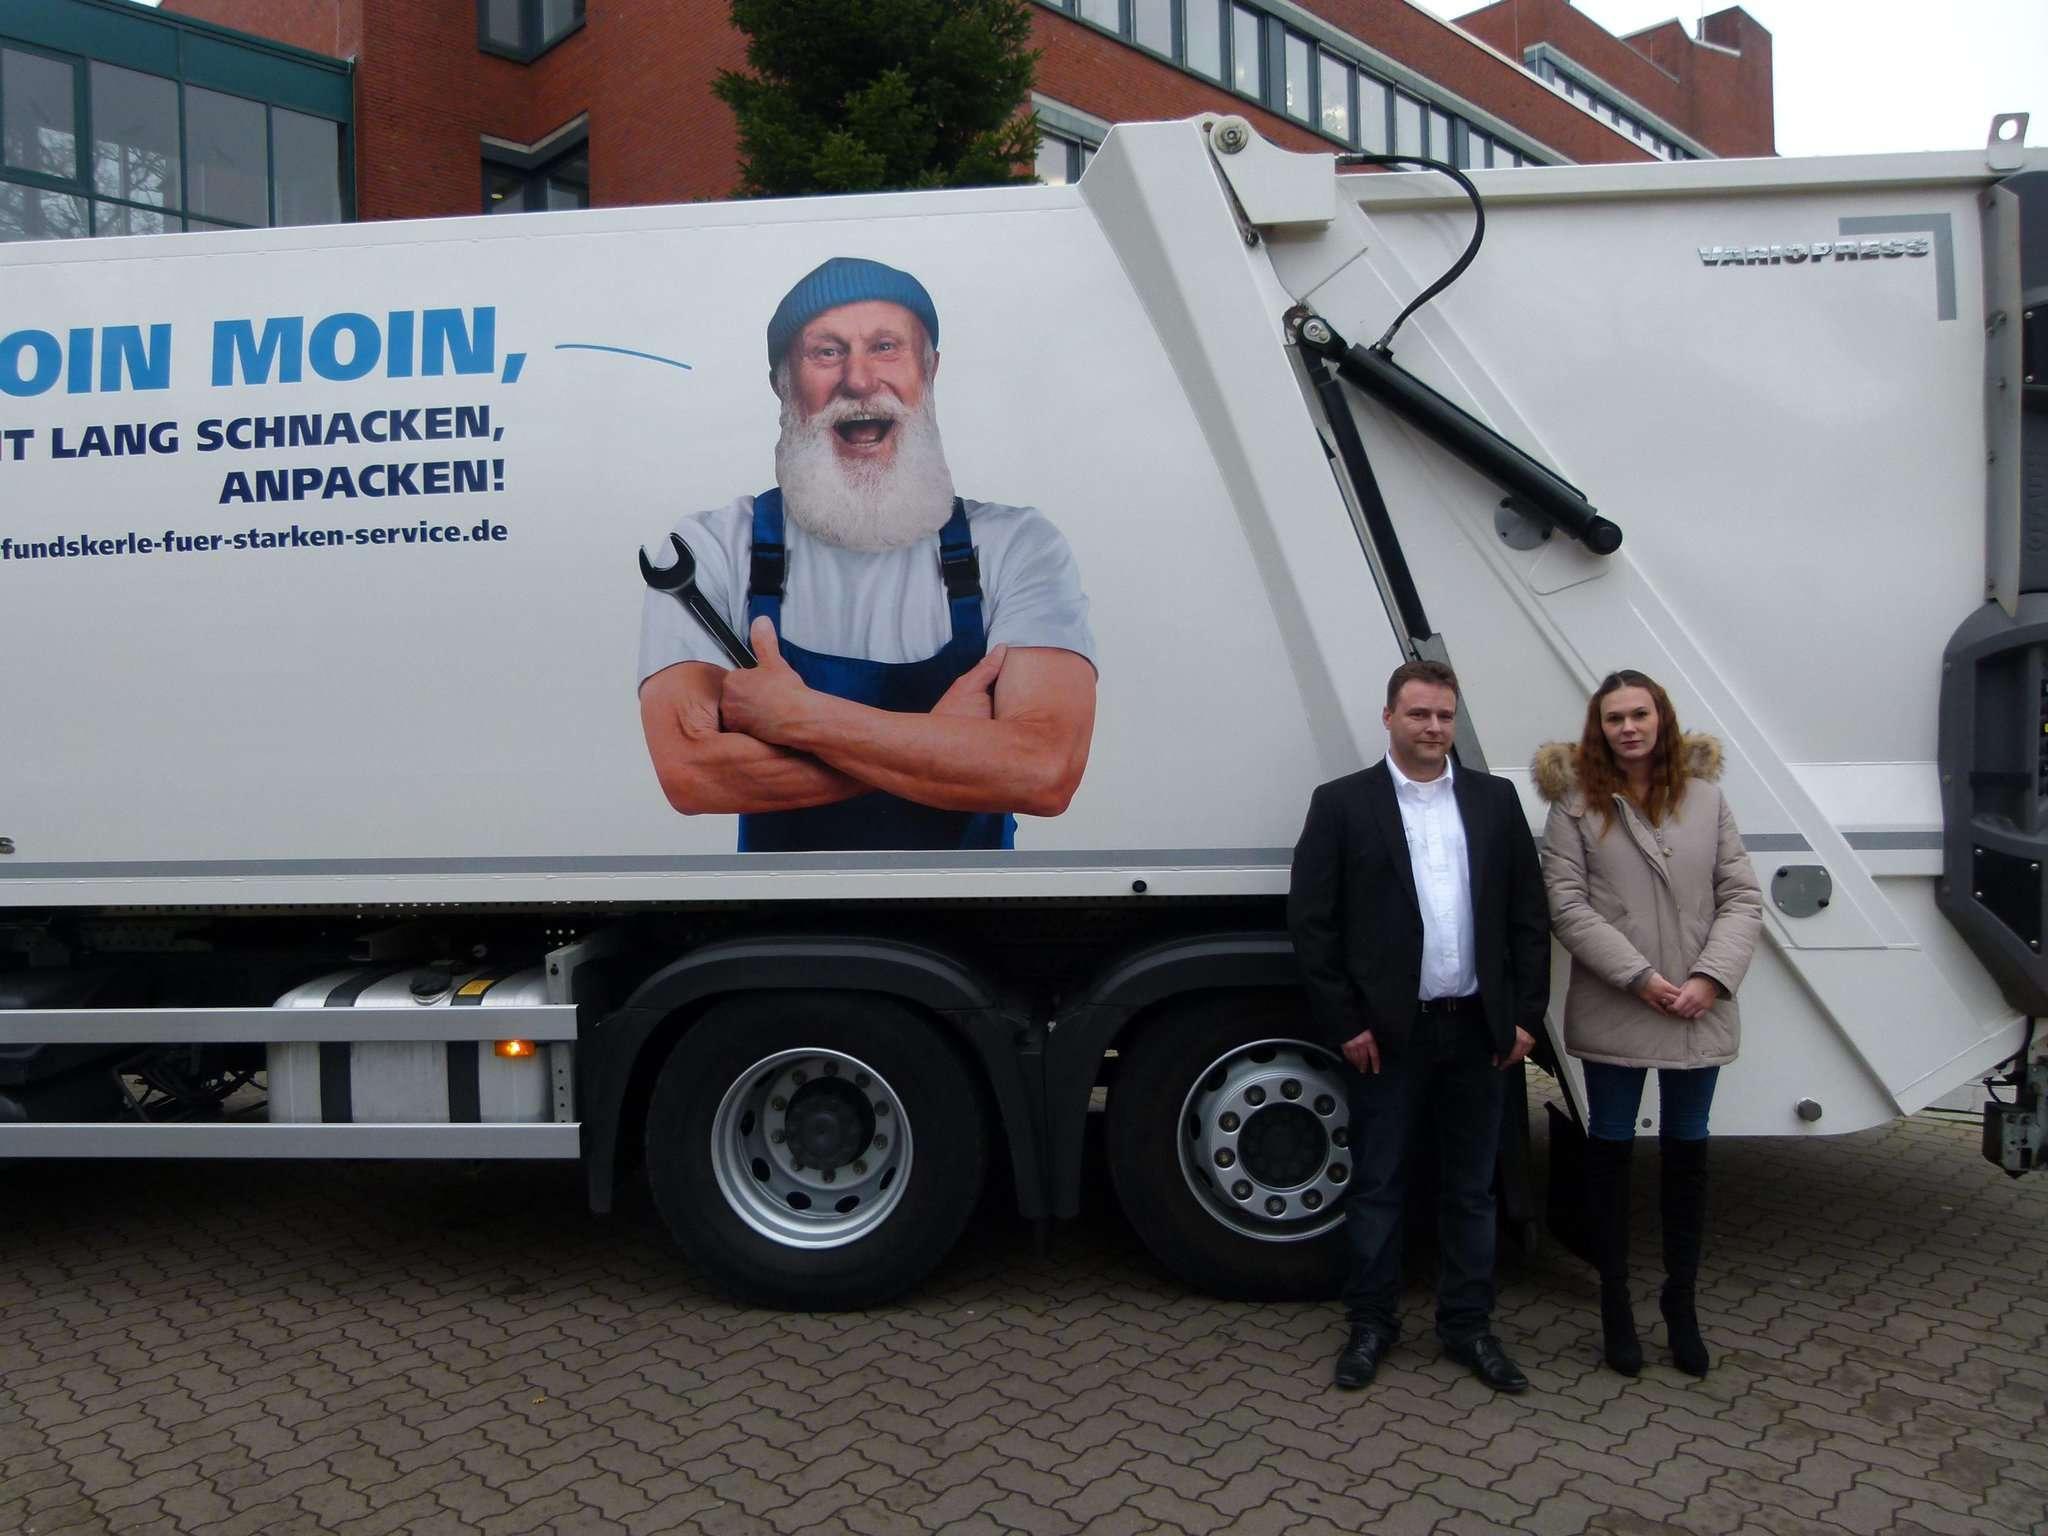 Geschäftsführer Michael Meißner und Angelique Subota von der Optisys sind die neuen Ansprechpartner für die Abholung der gelben Säcke im Landkreis Rotenburg.